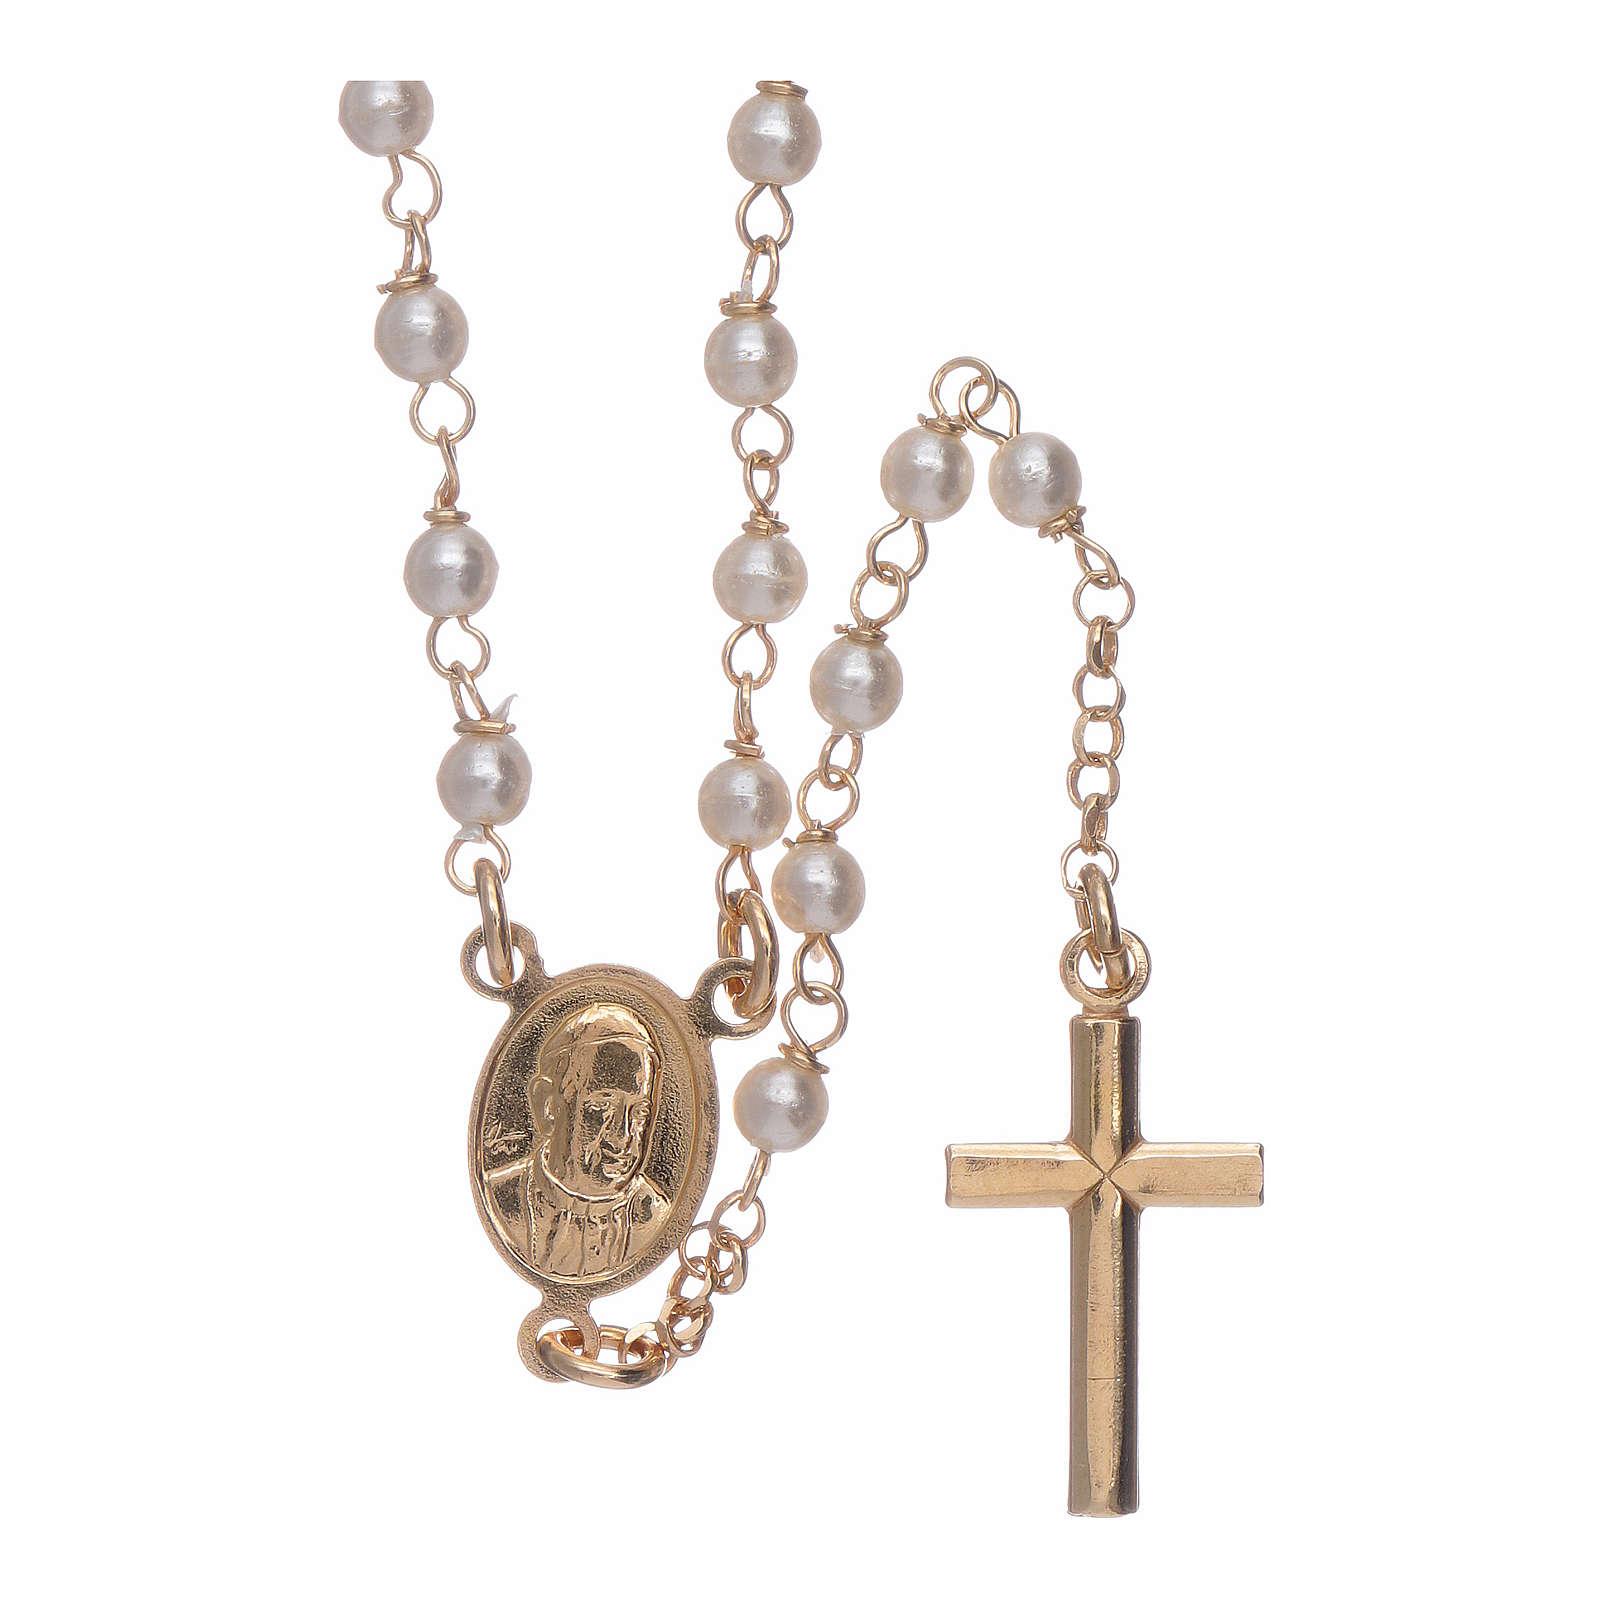 Rosario classico AMEN Giubileo argento 925 dorato e perle Swarovski 4